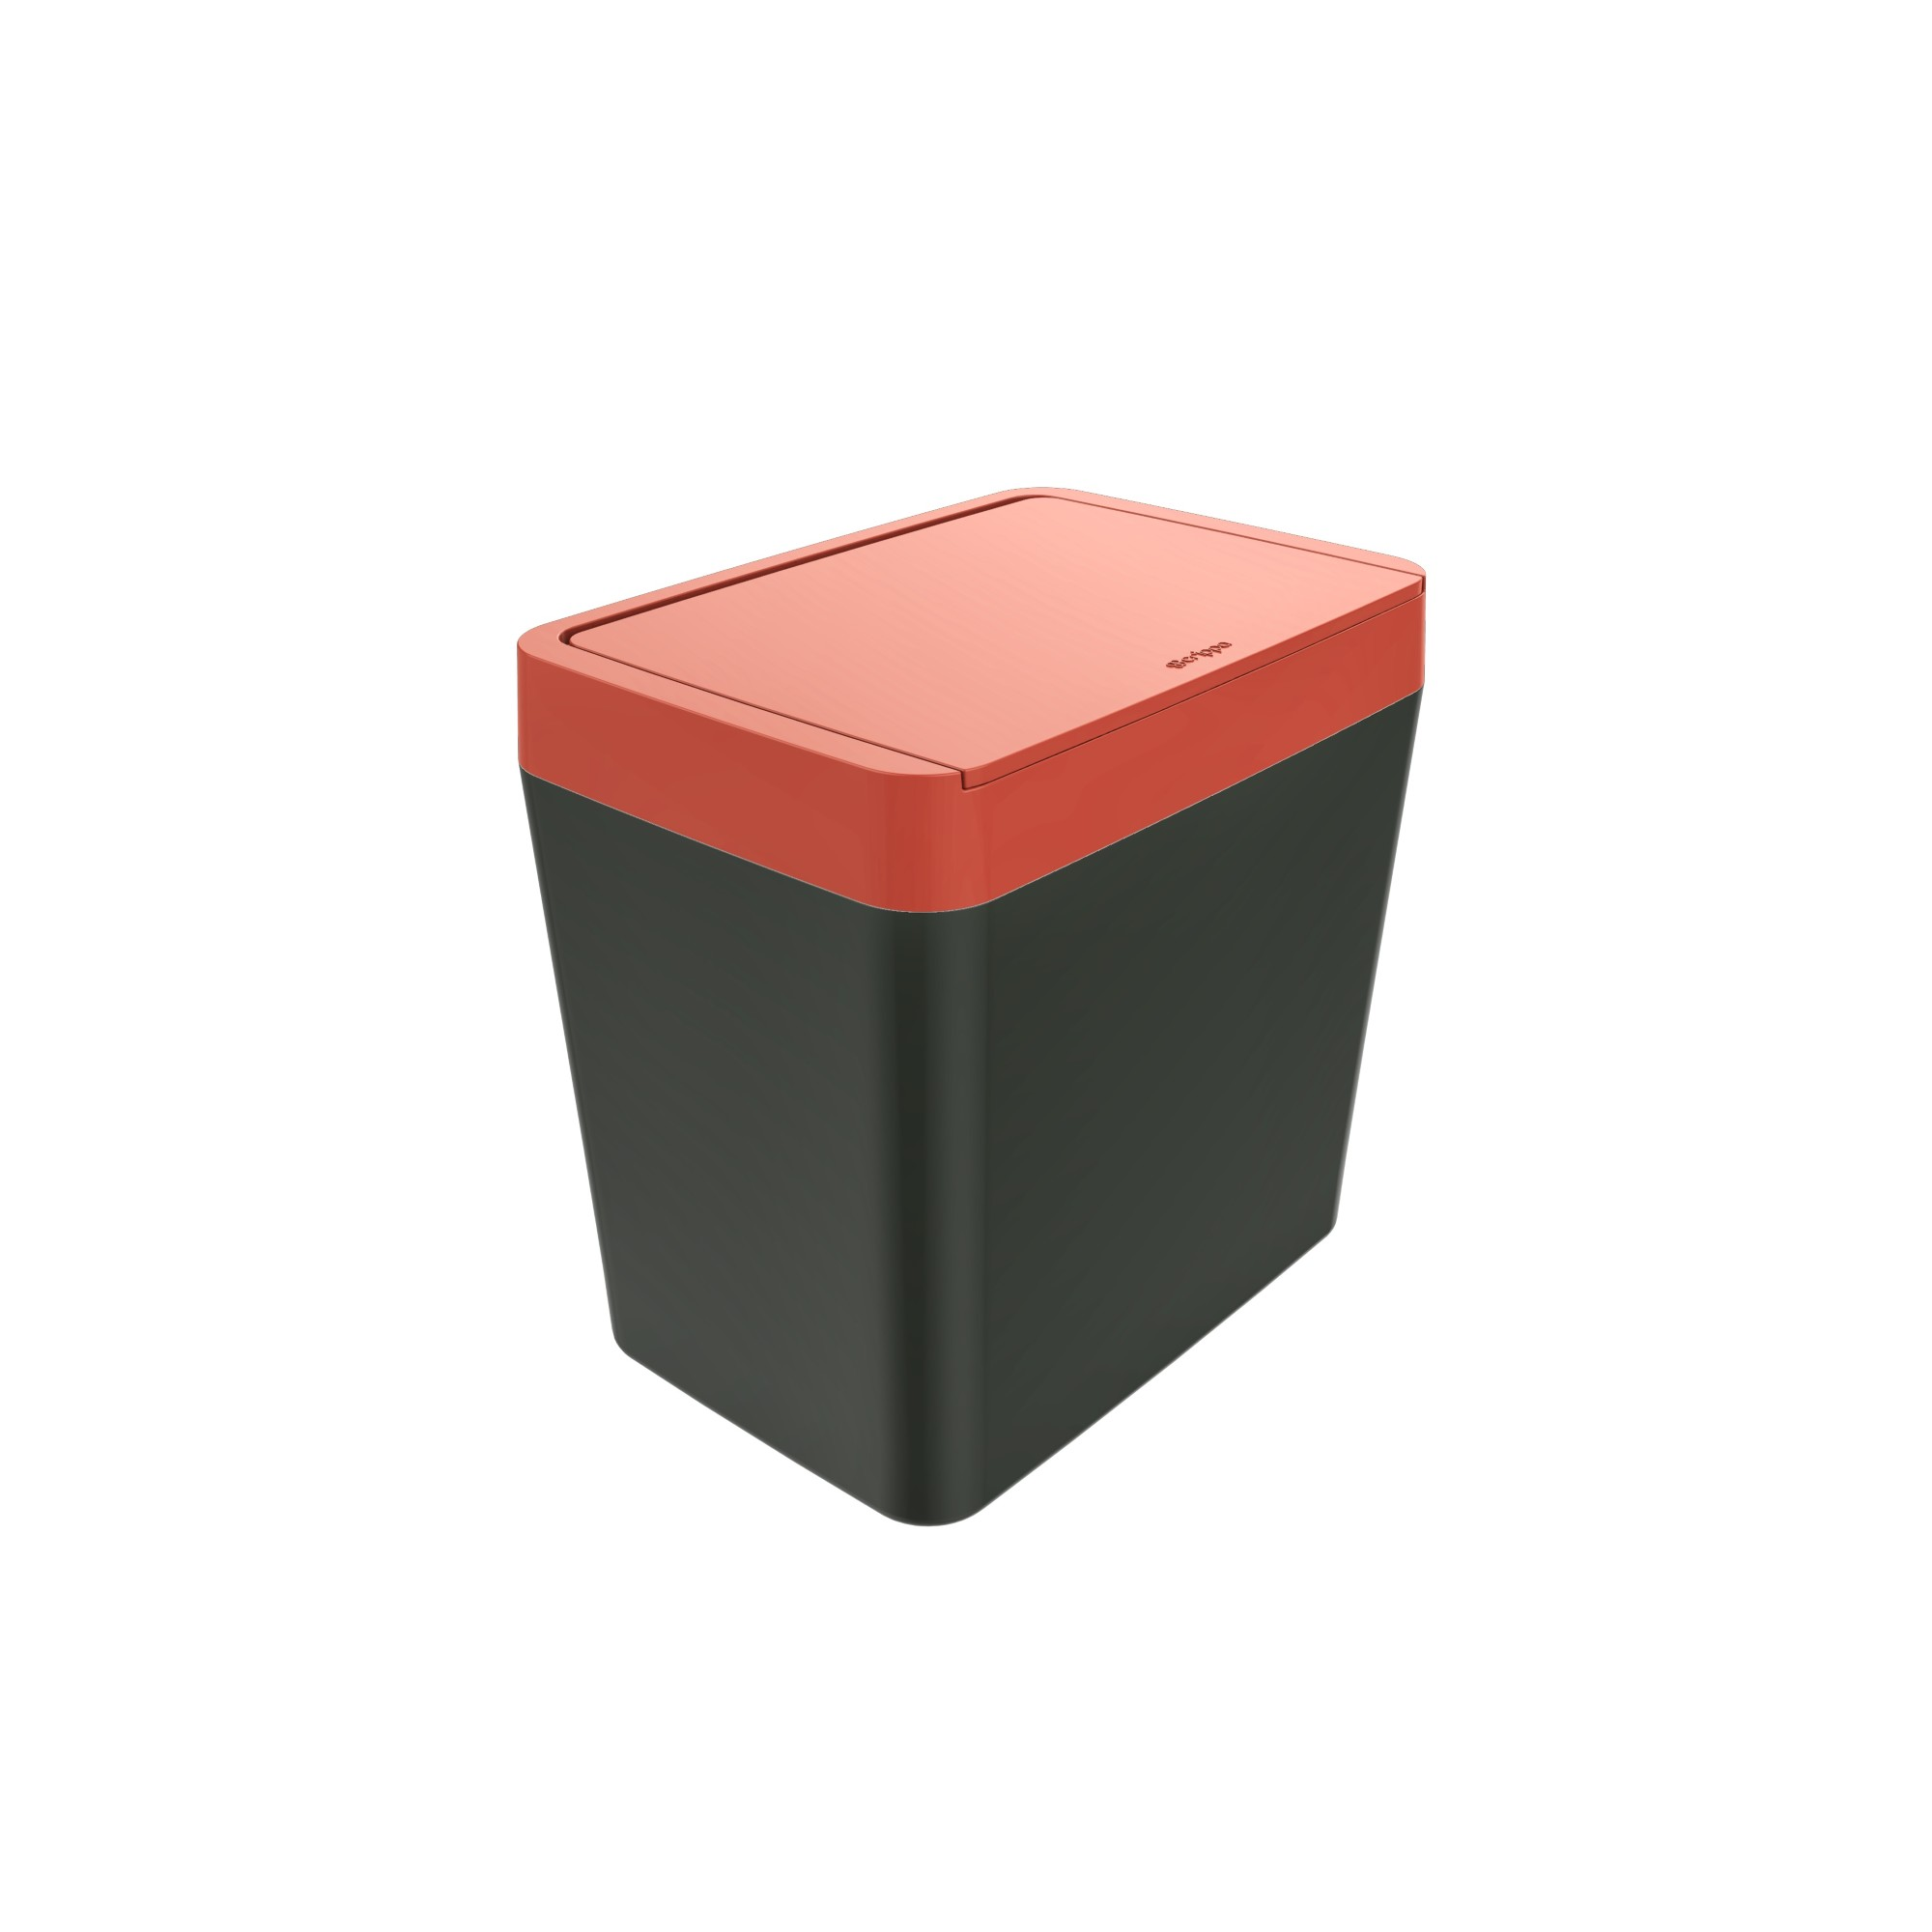 Lixeira com Tampa Manual Retangular Plastico 50L Vermelha 40503034 - Crippa